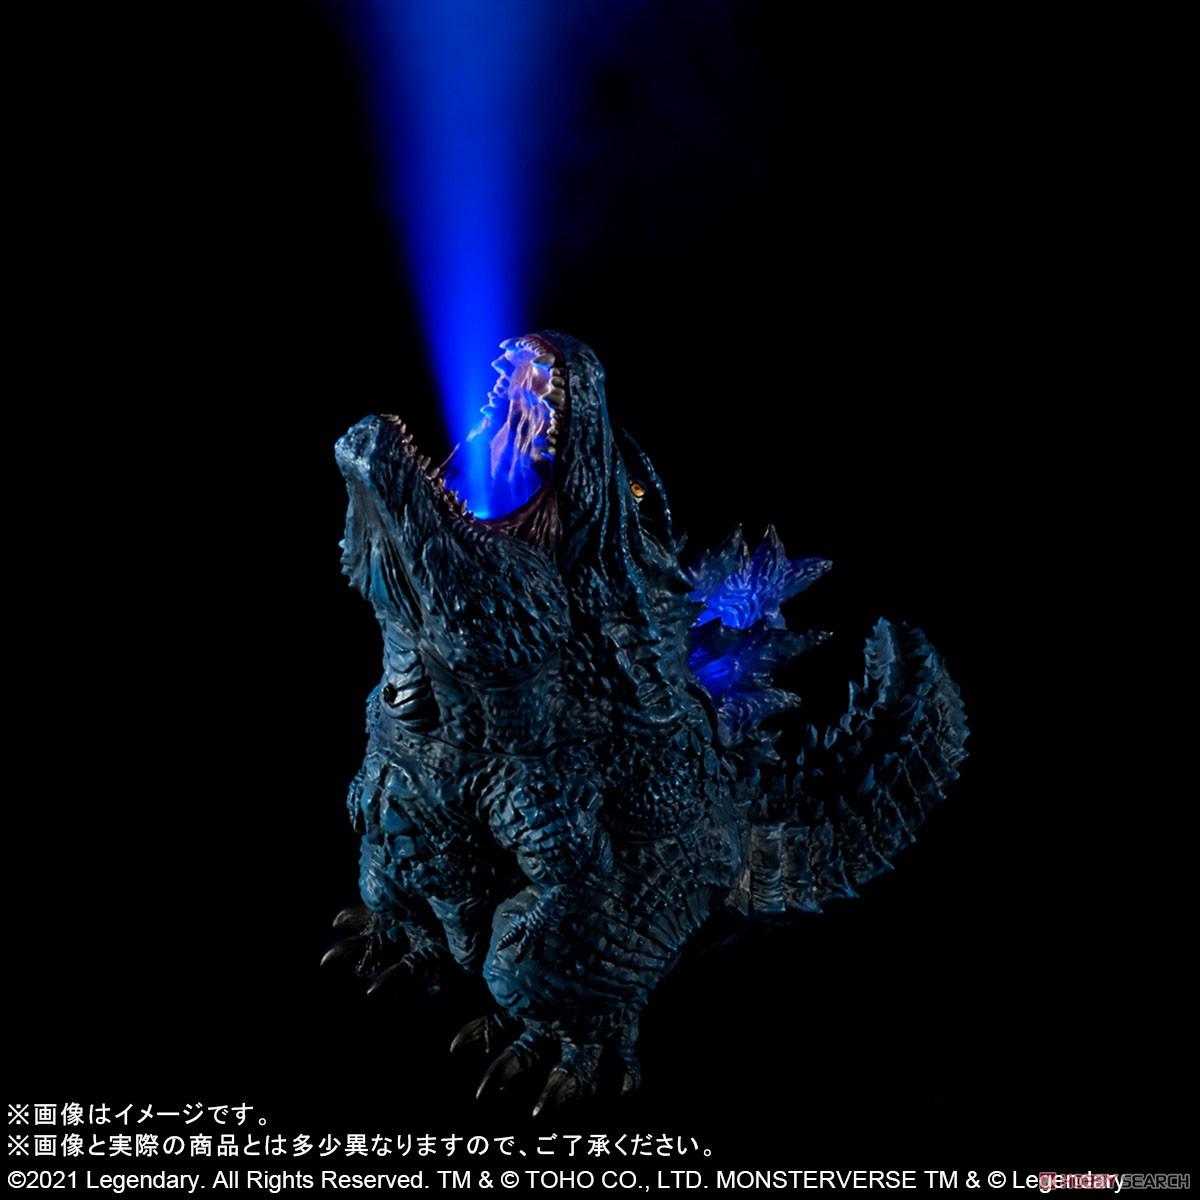 デフォリアル SFX『ゴジラ(2019)』キング・オブ・モンスターズ 完成品フィギュア-012